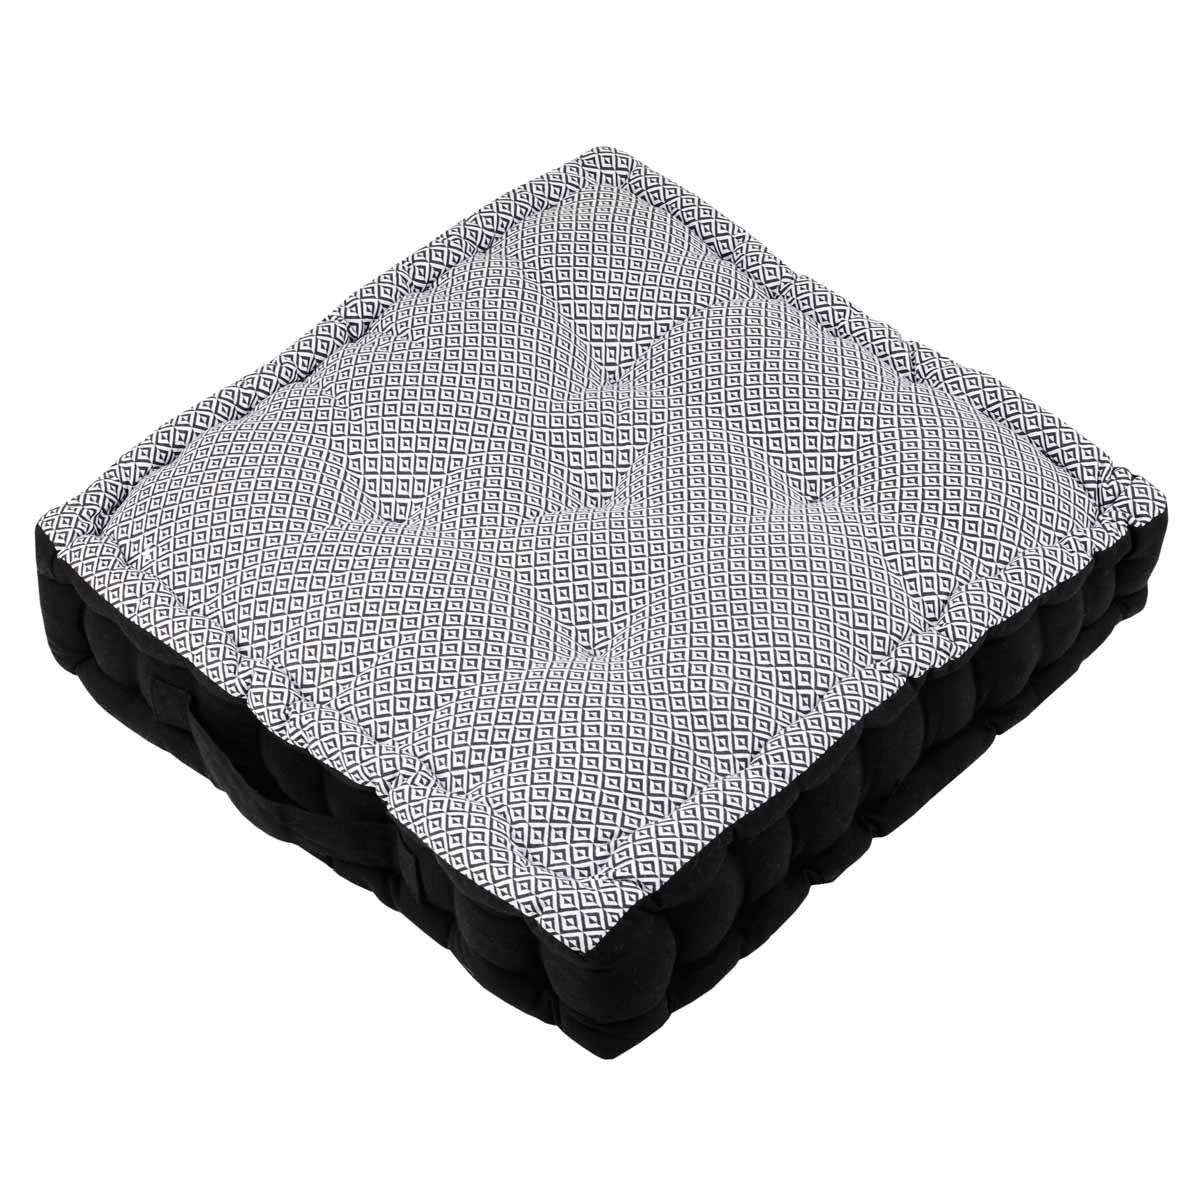 Μαξιλάρα Δαπέδου Benin Noir C52978003 home   σαλόνι   μαξιλάρες δαπέδου   πουφ